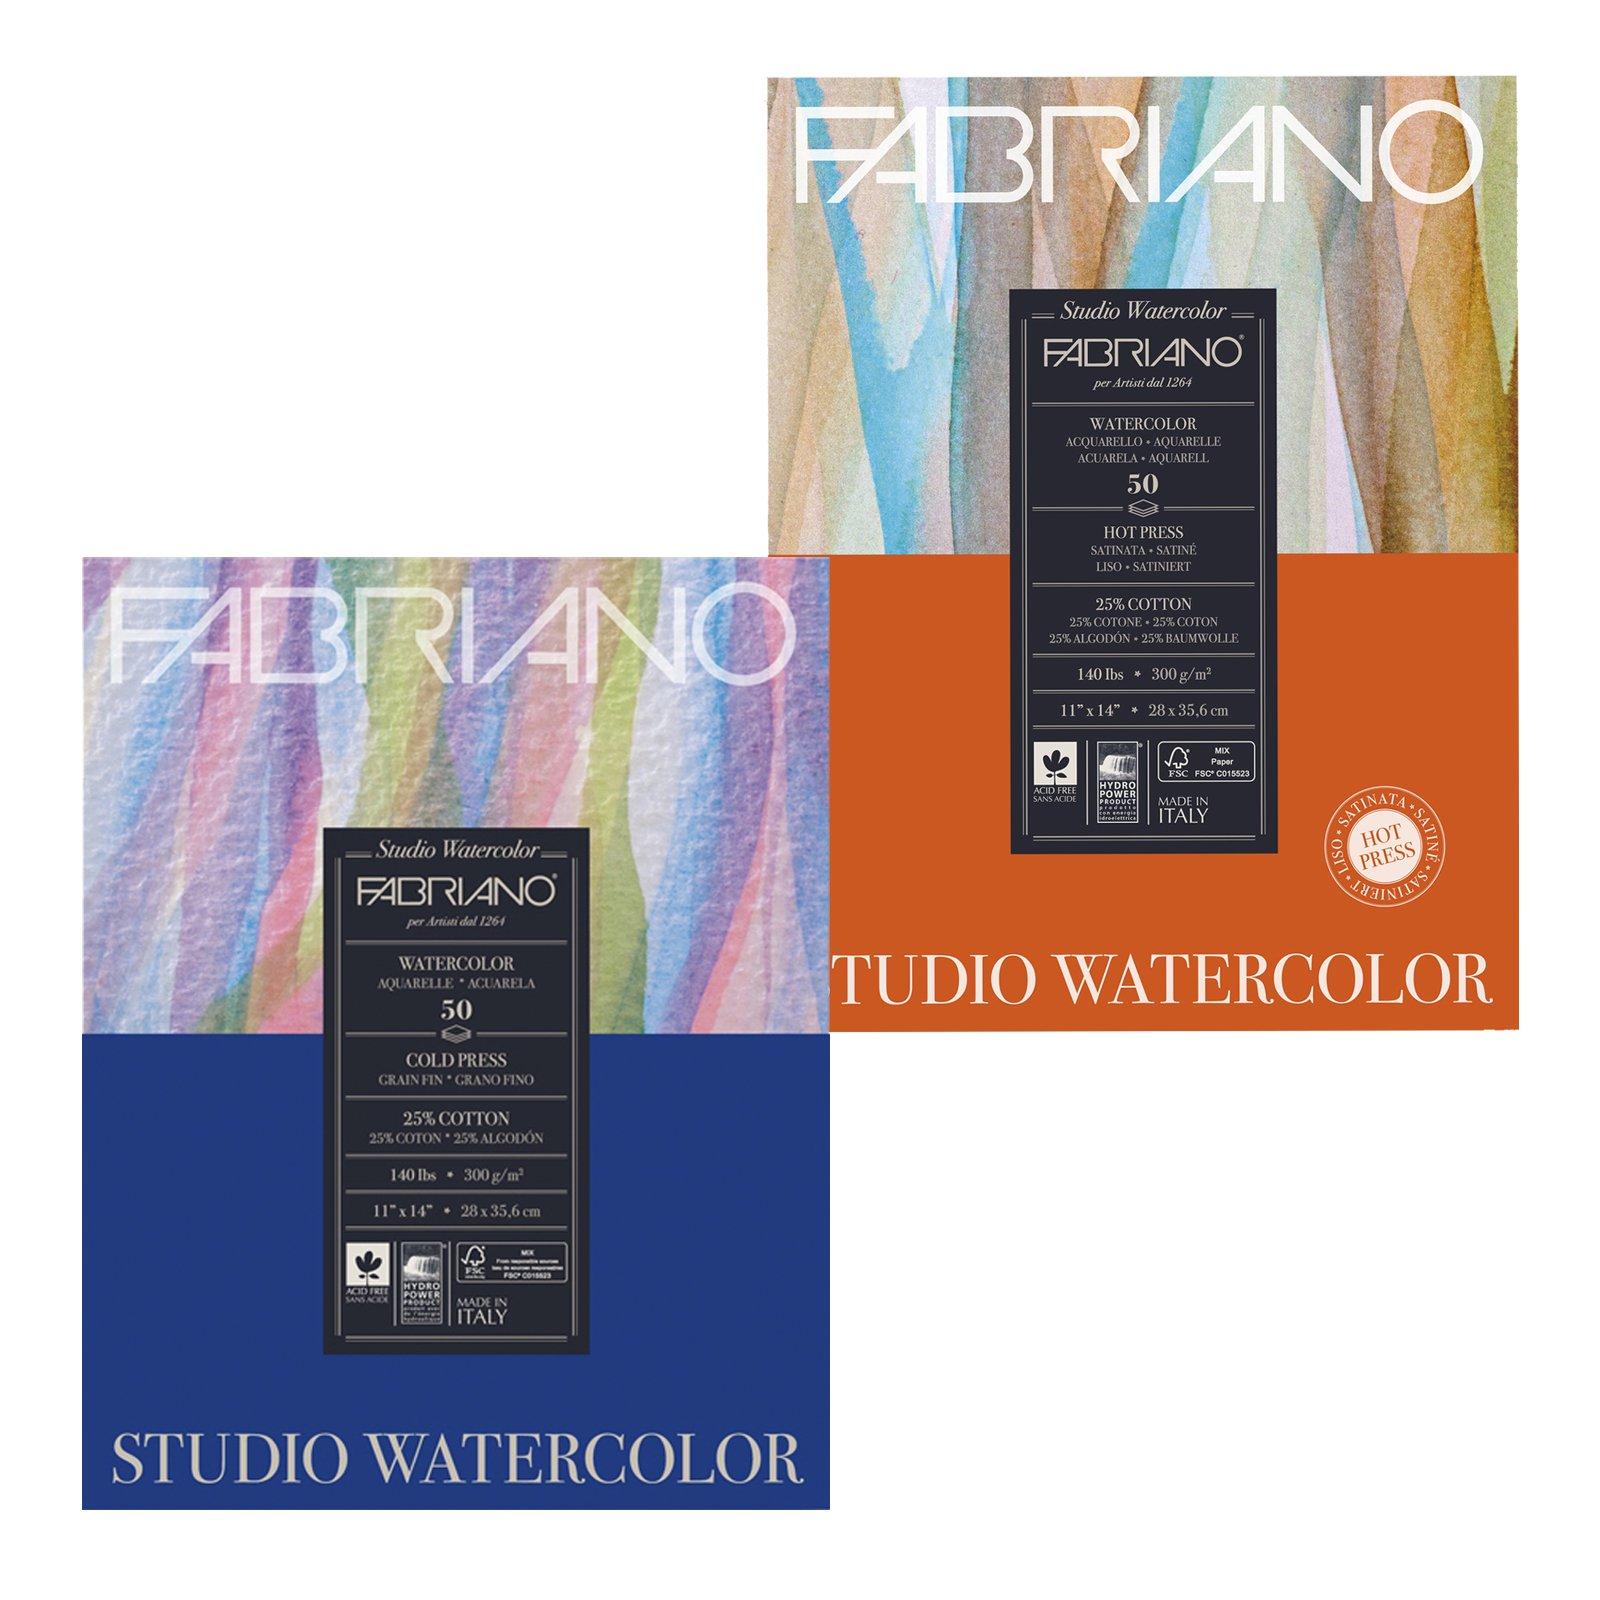 Fabriano Studio Watercolor Pads